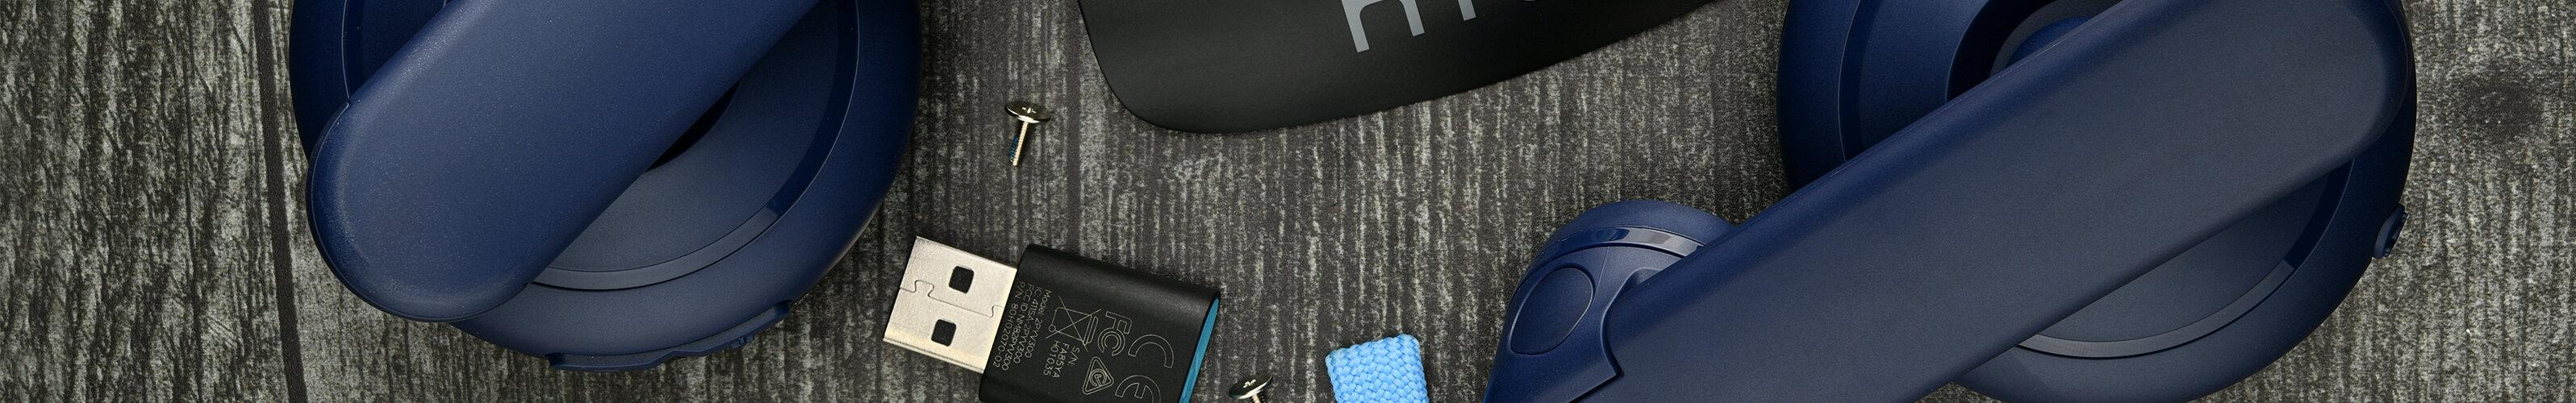 Authentic HTC Vive Parts